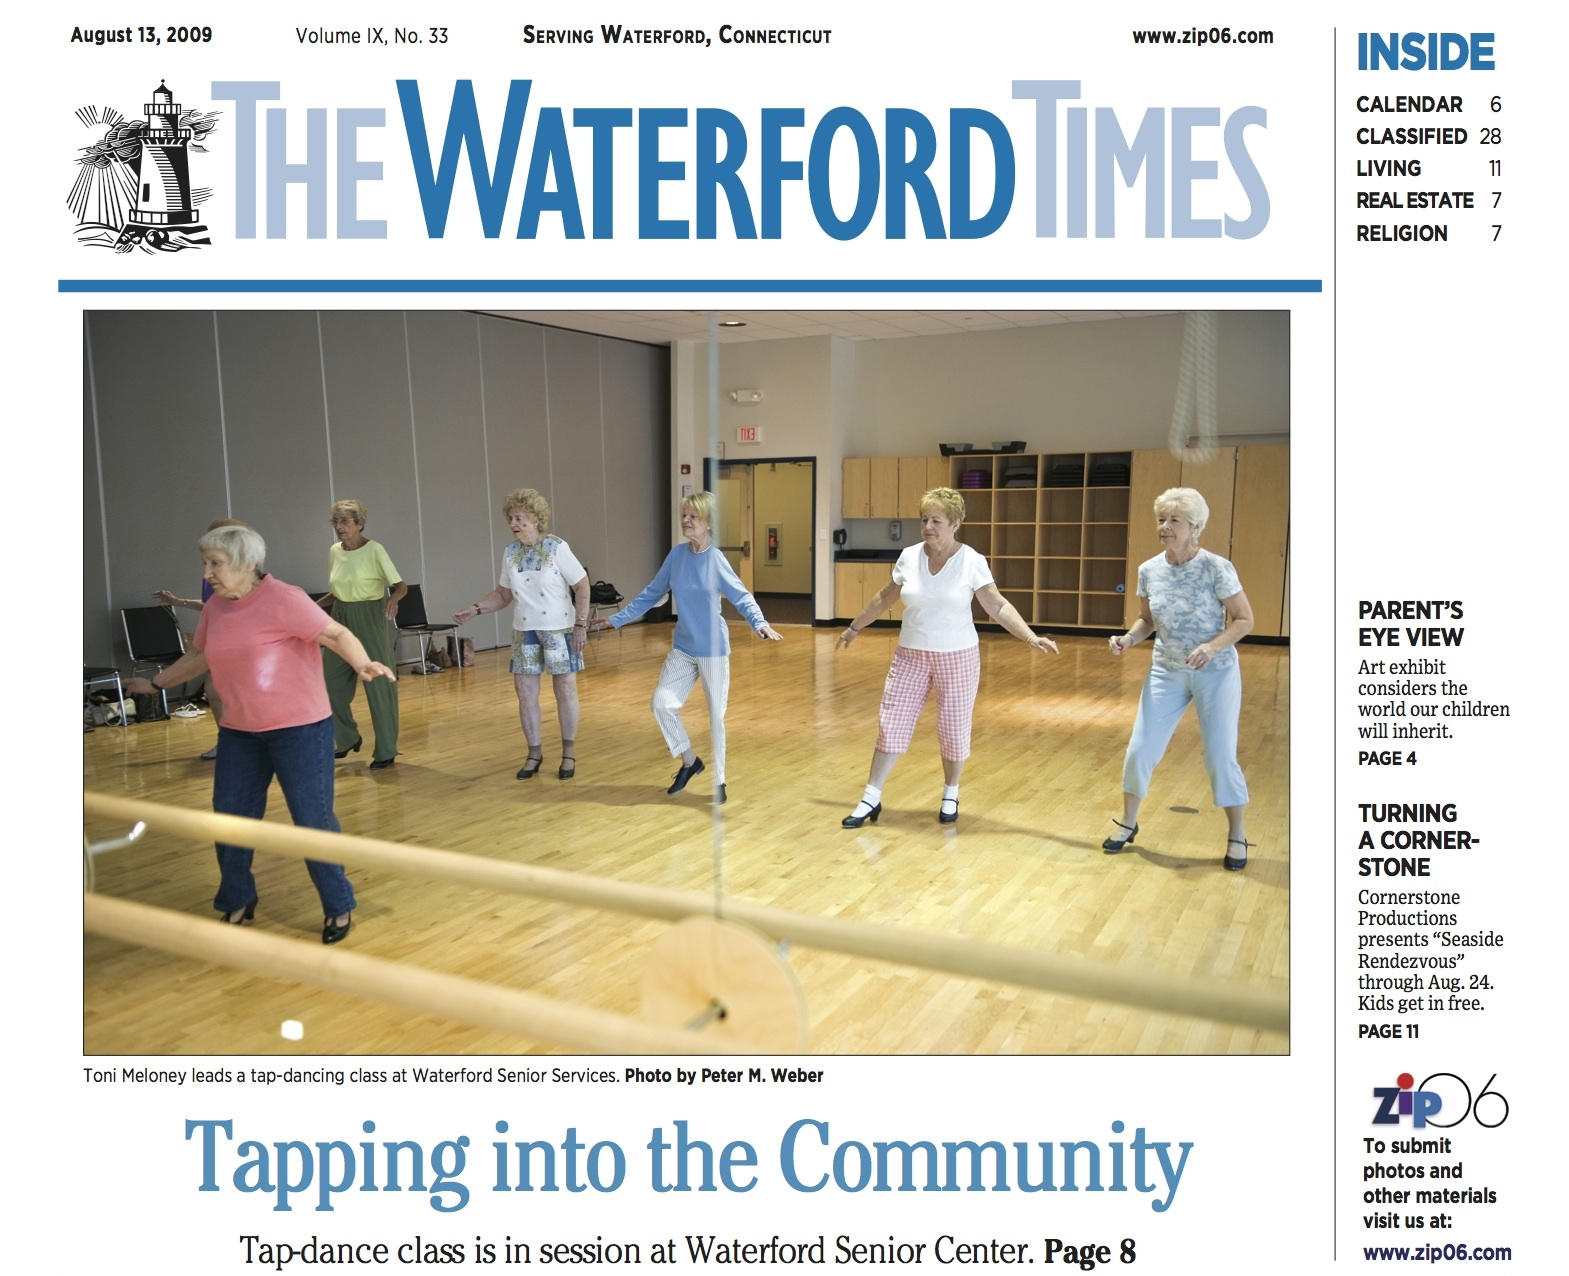 Times WFD 08-13-09 A 1.jpg